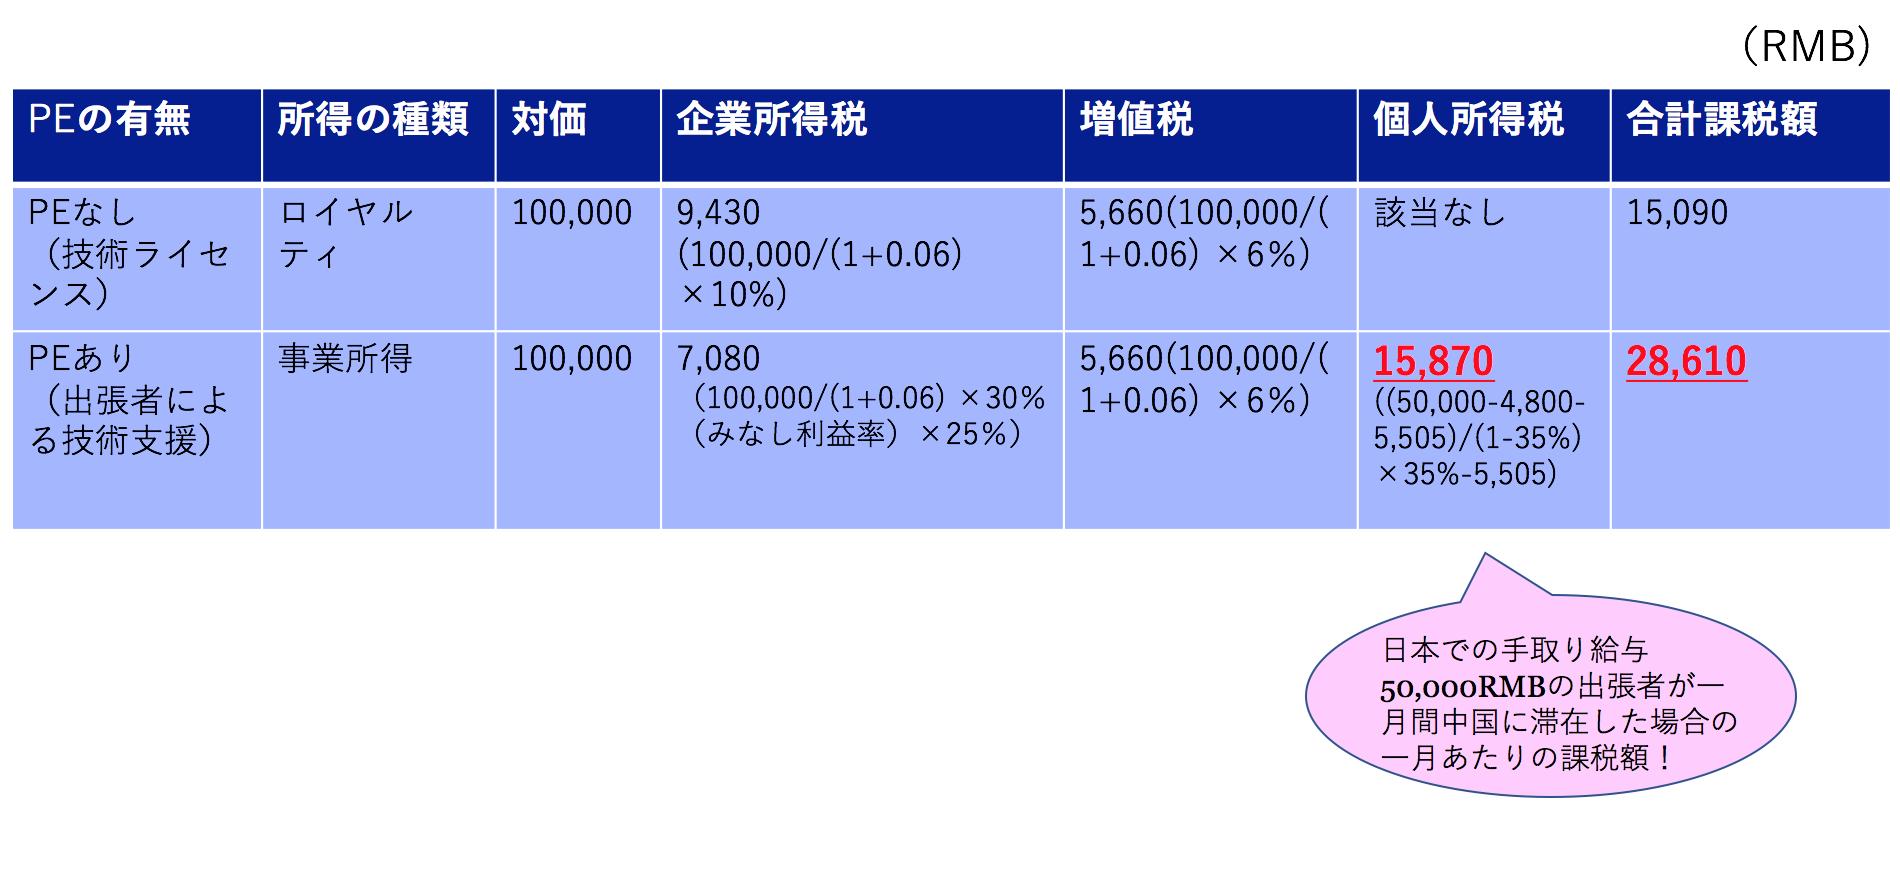 中国 PE認定された場合の課税関係